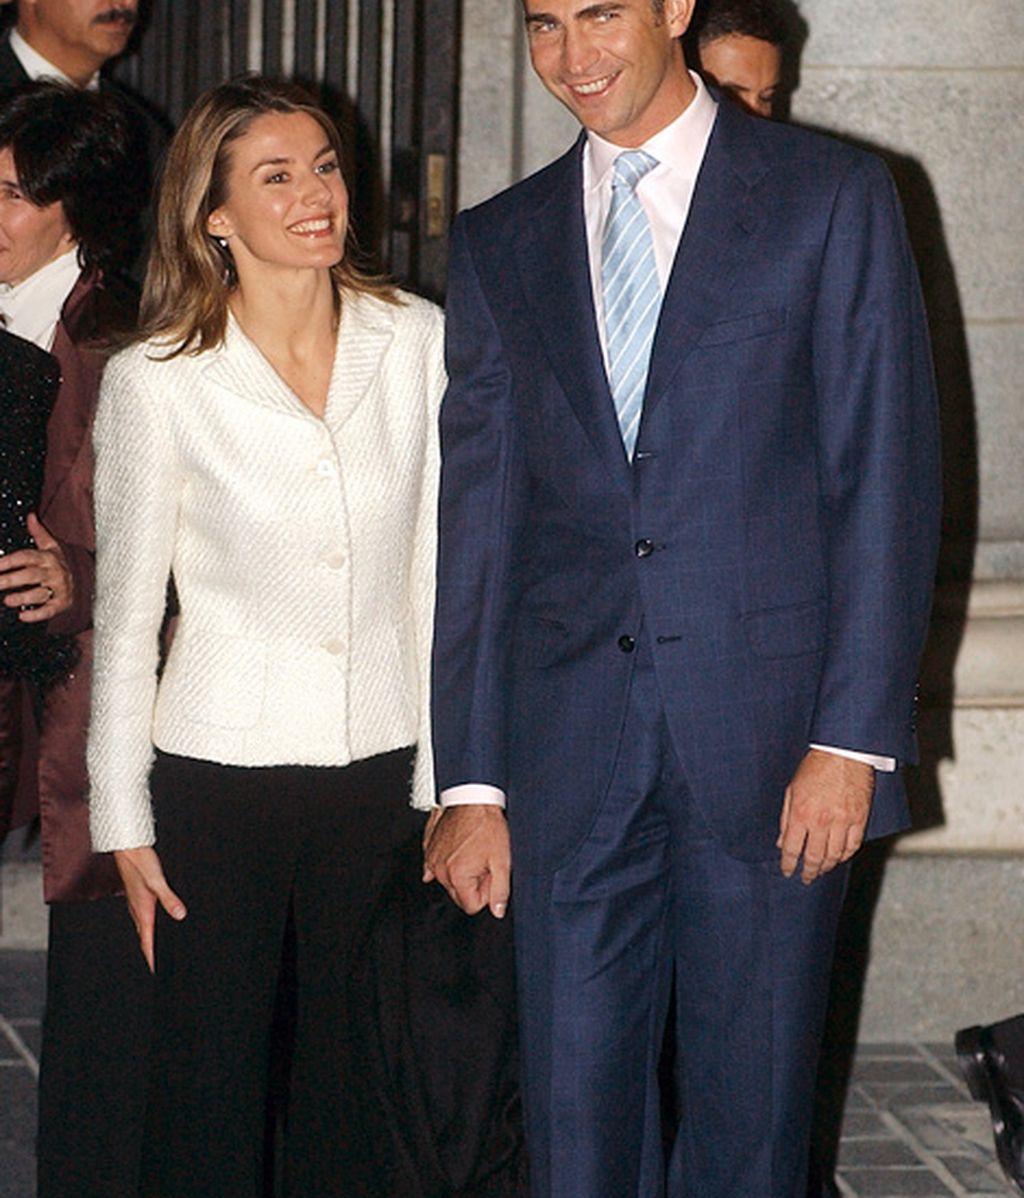 Primera aparición en público tras su compromiso (noviembre 2003)